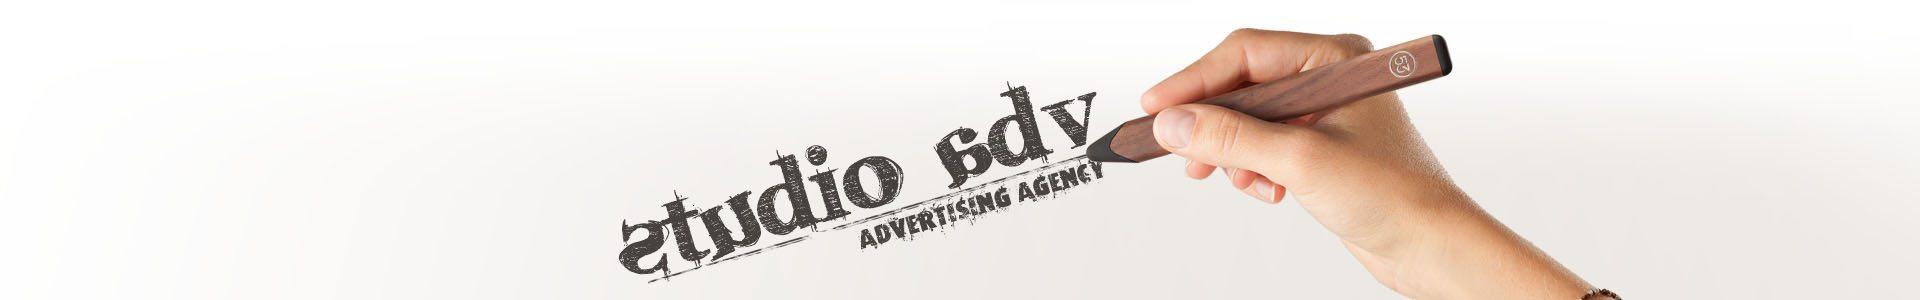 Projektowanie graficzne - projekt logo